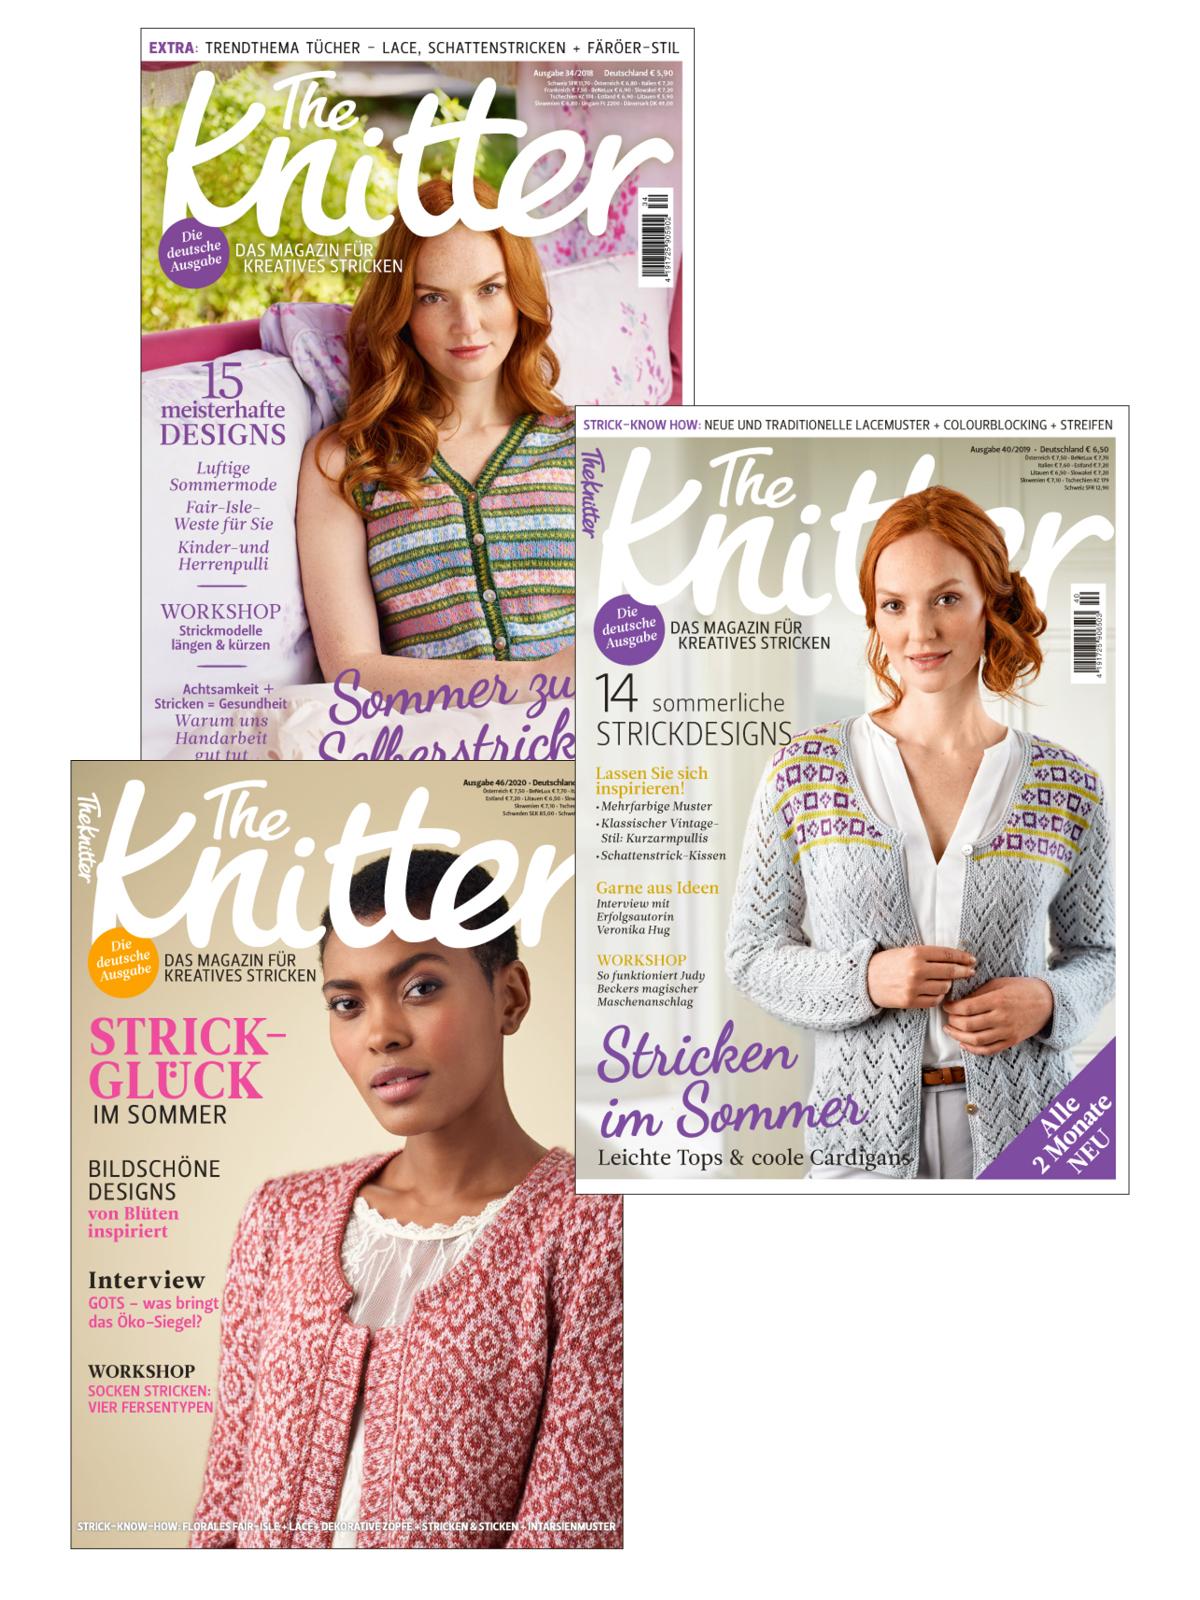 3 Zeitschriften statt Euro 18,90 nur Euro 9,45 im Sparpaket